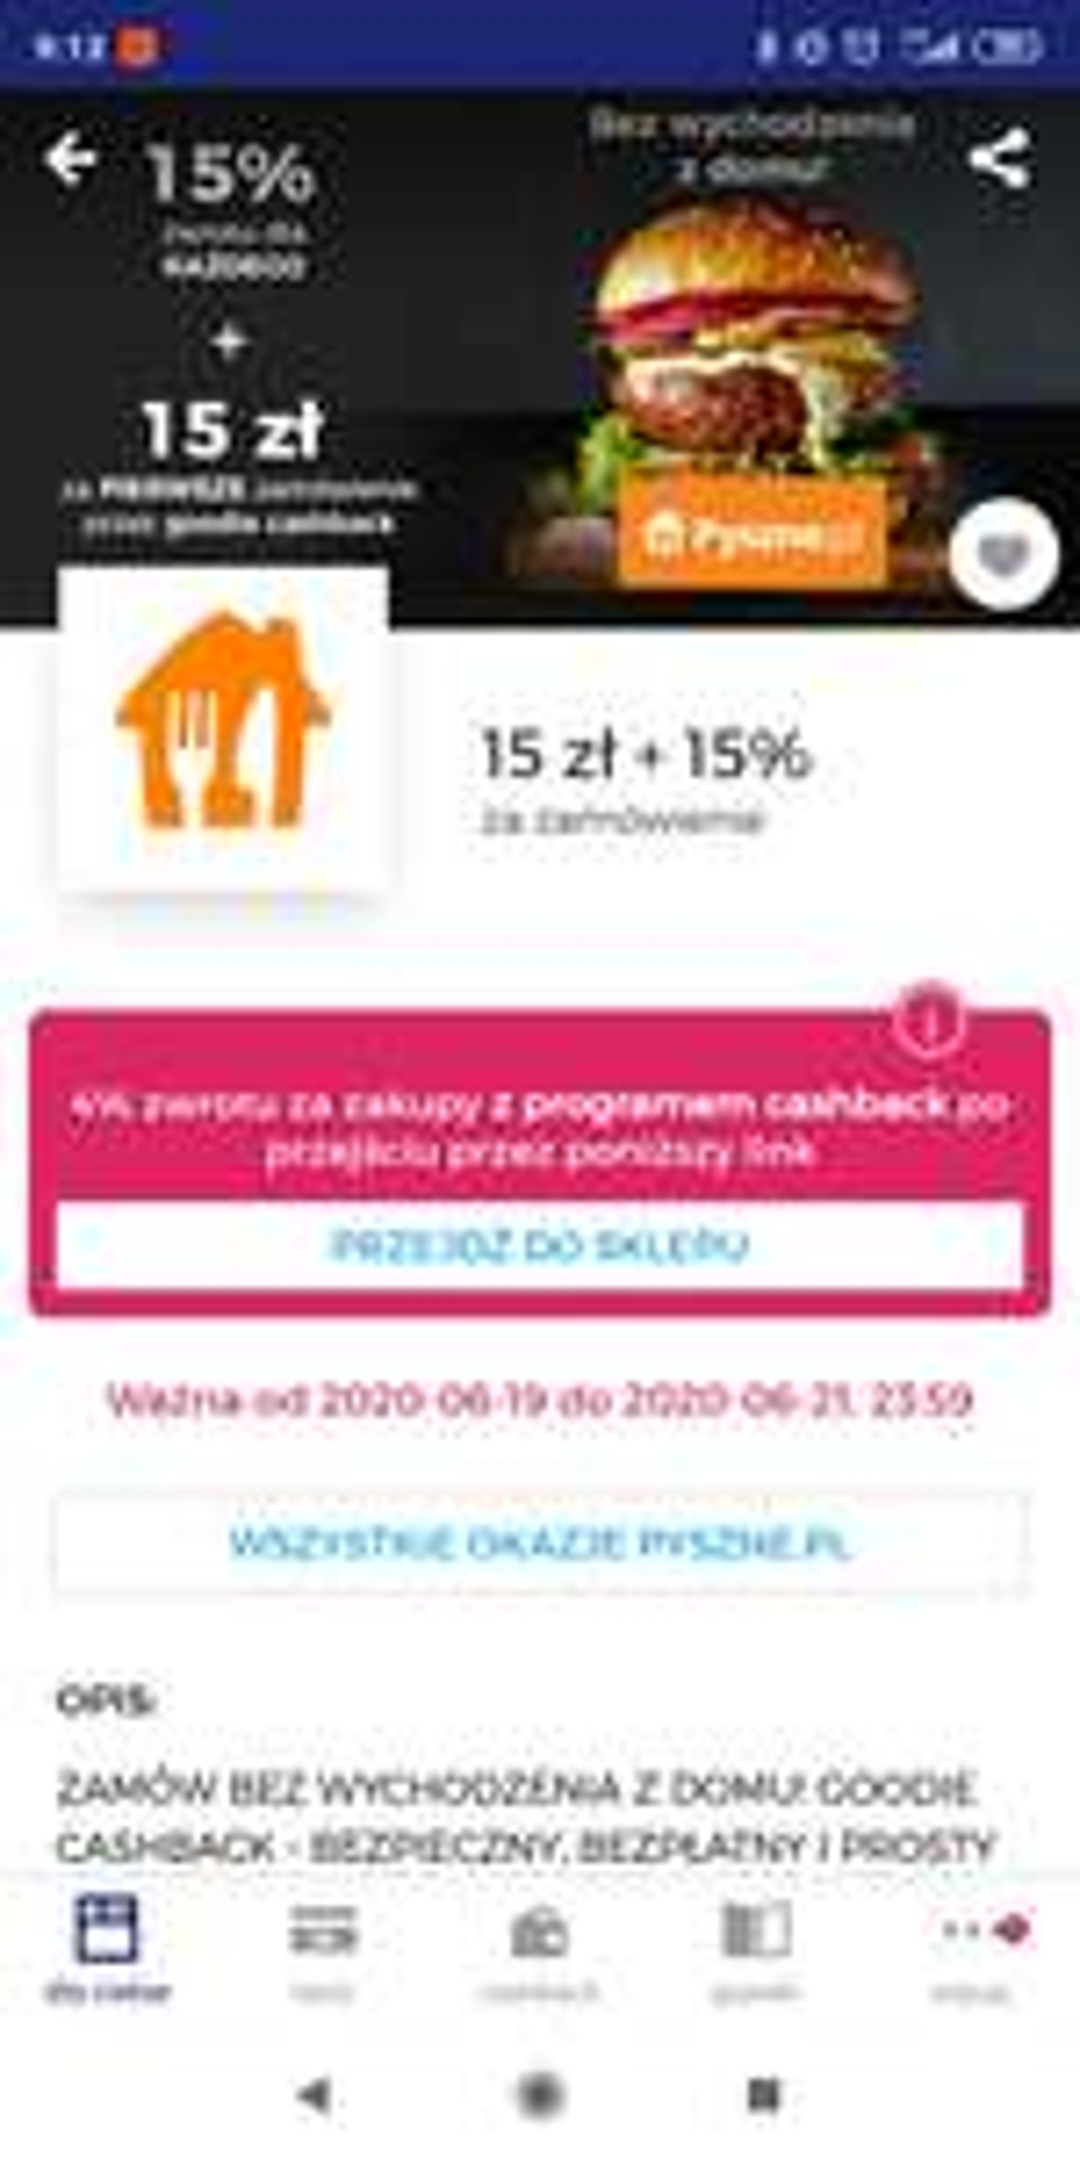 15% cashback pyszne.pl w Goodie